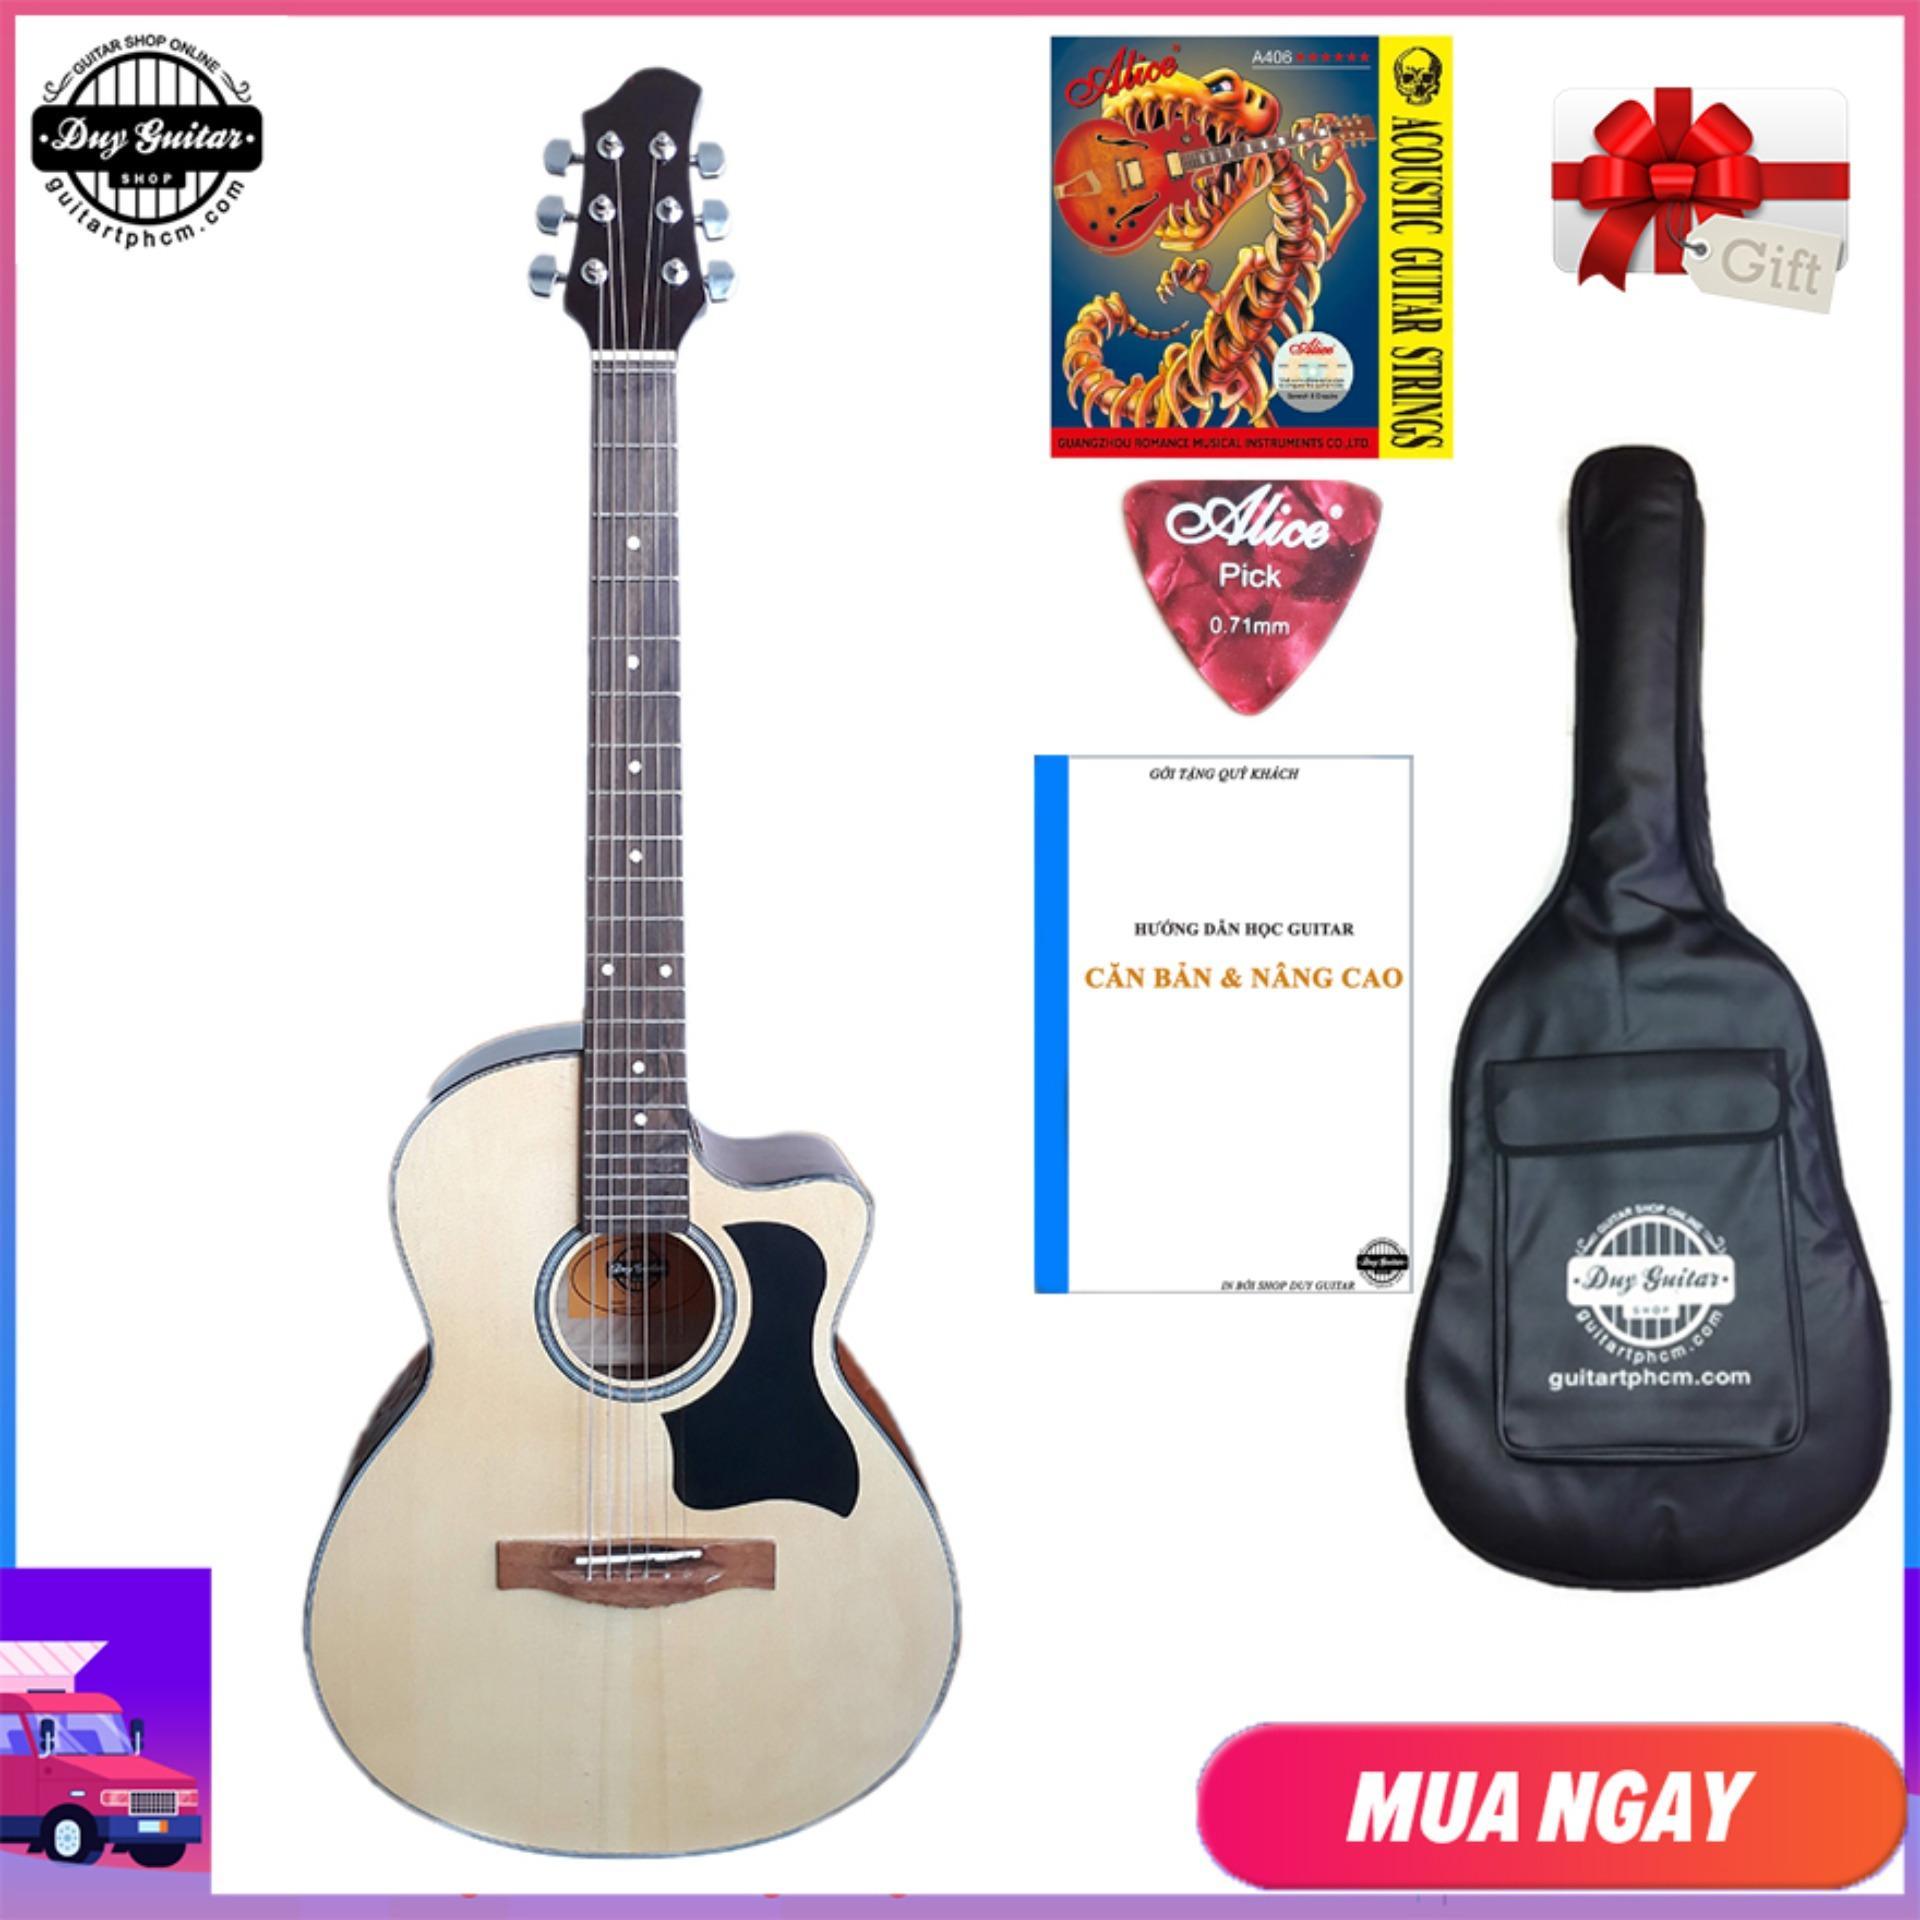 Giá Cực Tốt Khi Mua [ Tặng Giáo Trình ] Đàn Guitar Acoustic DVE70 + Bao Da, Capo, Phụ Kiện Duy Guitar - Shop đàn Ghita Giá Rẻ - Đàn Ghi-ta Dành Cho Người Mới Tập - Shop đàn Ghi Ta đệm Hát Modern